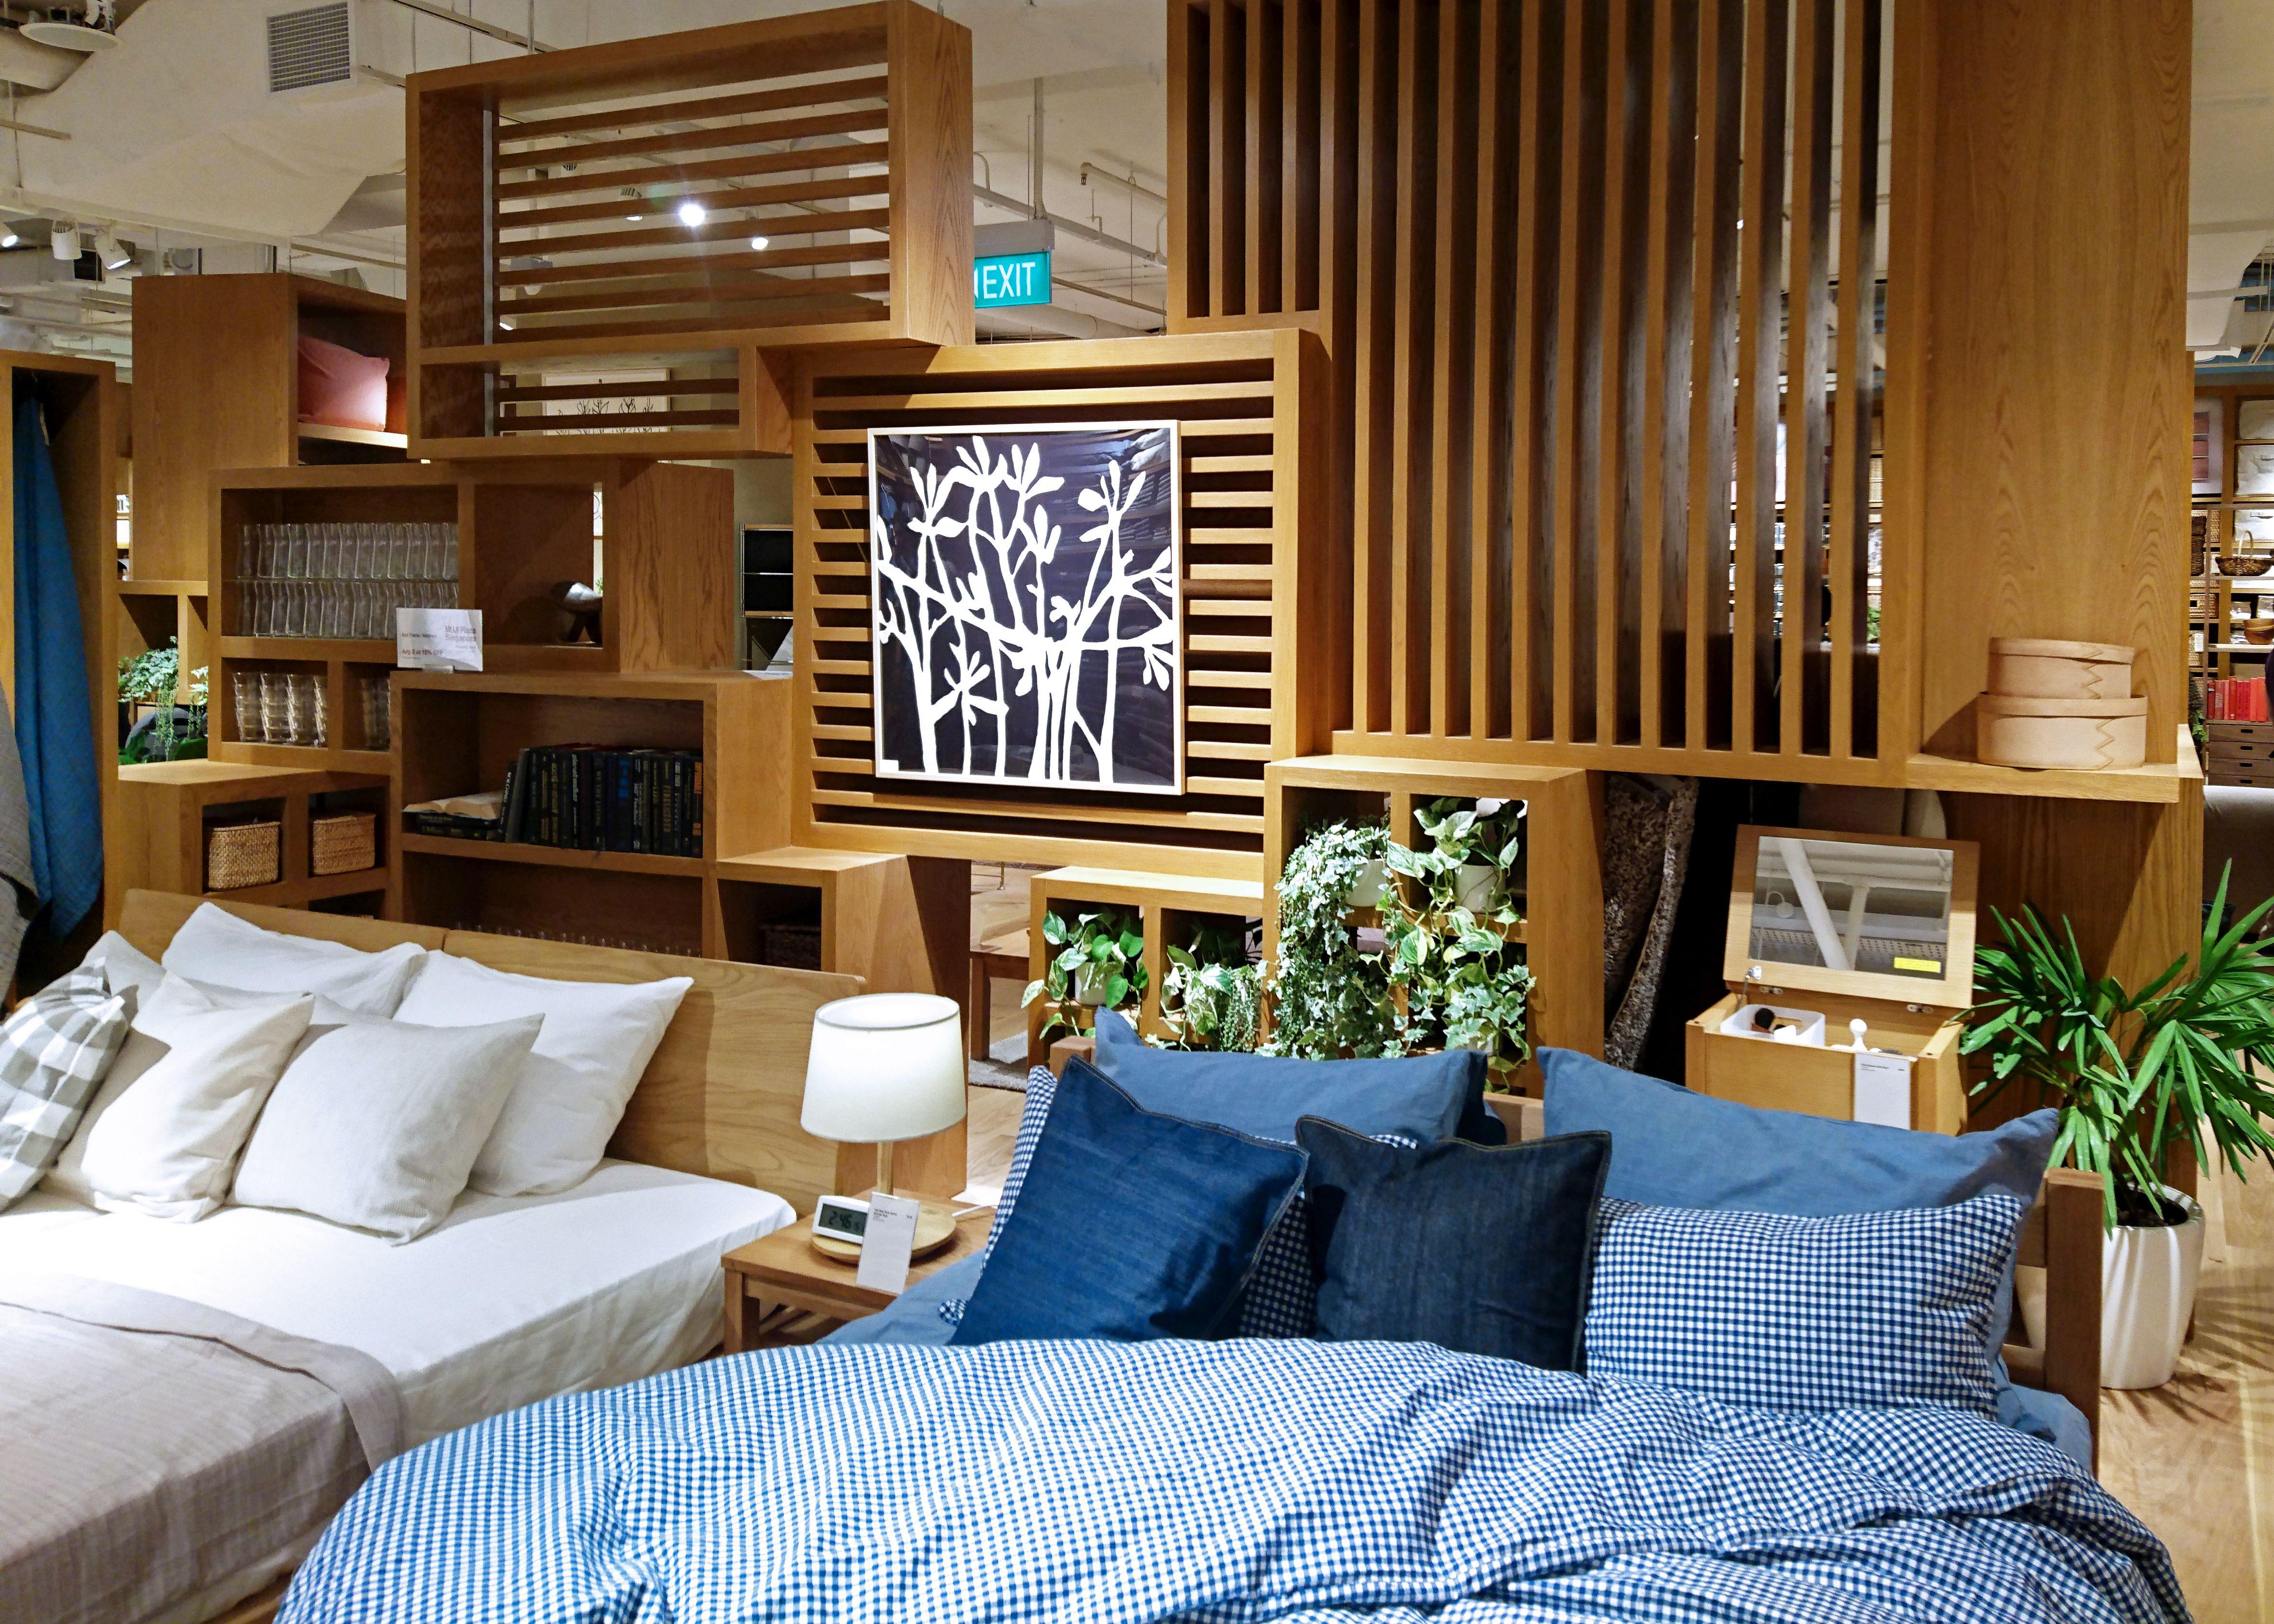 Muji furniture and furnishings 2